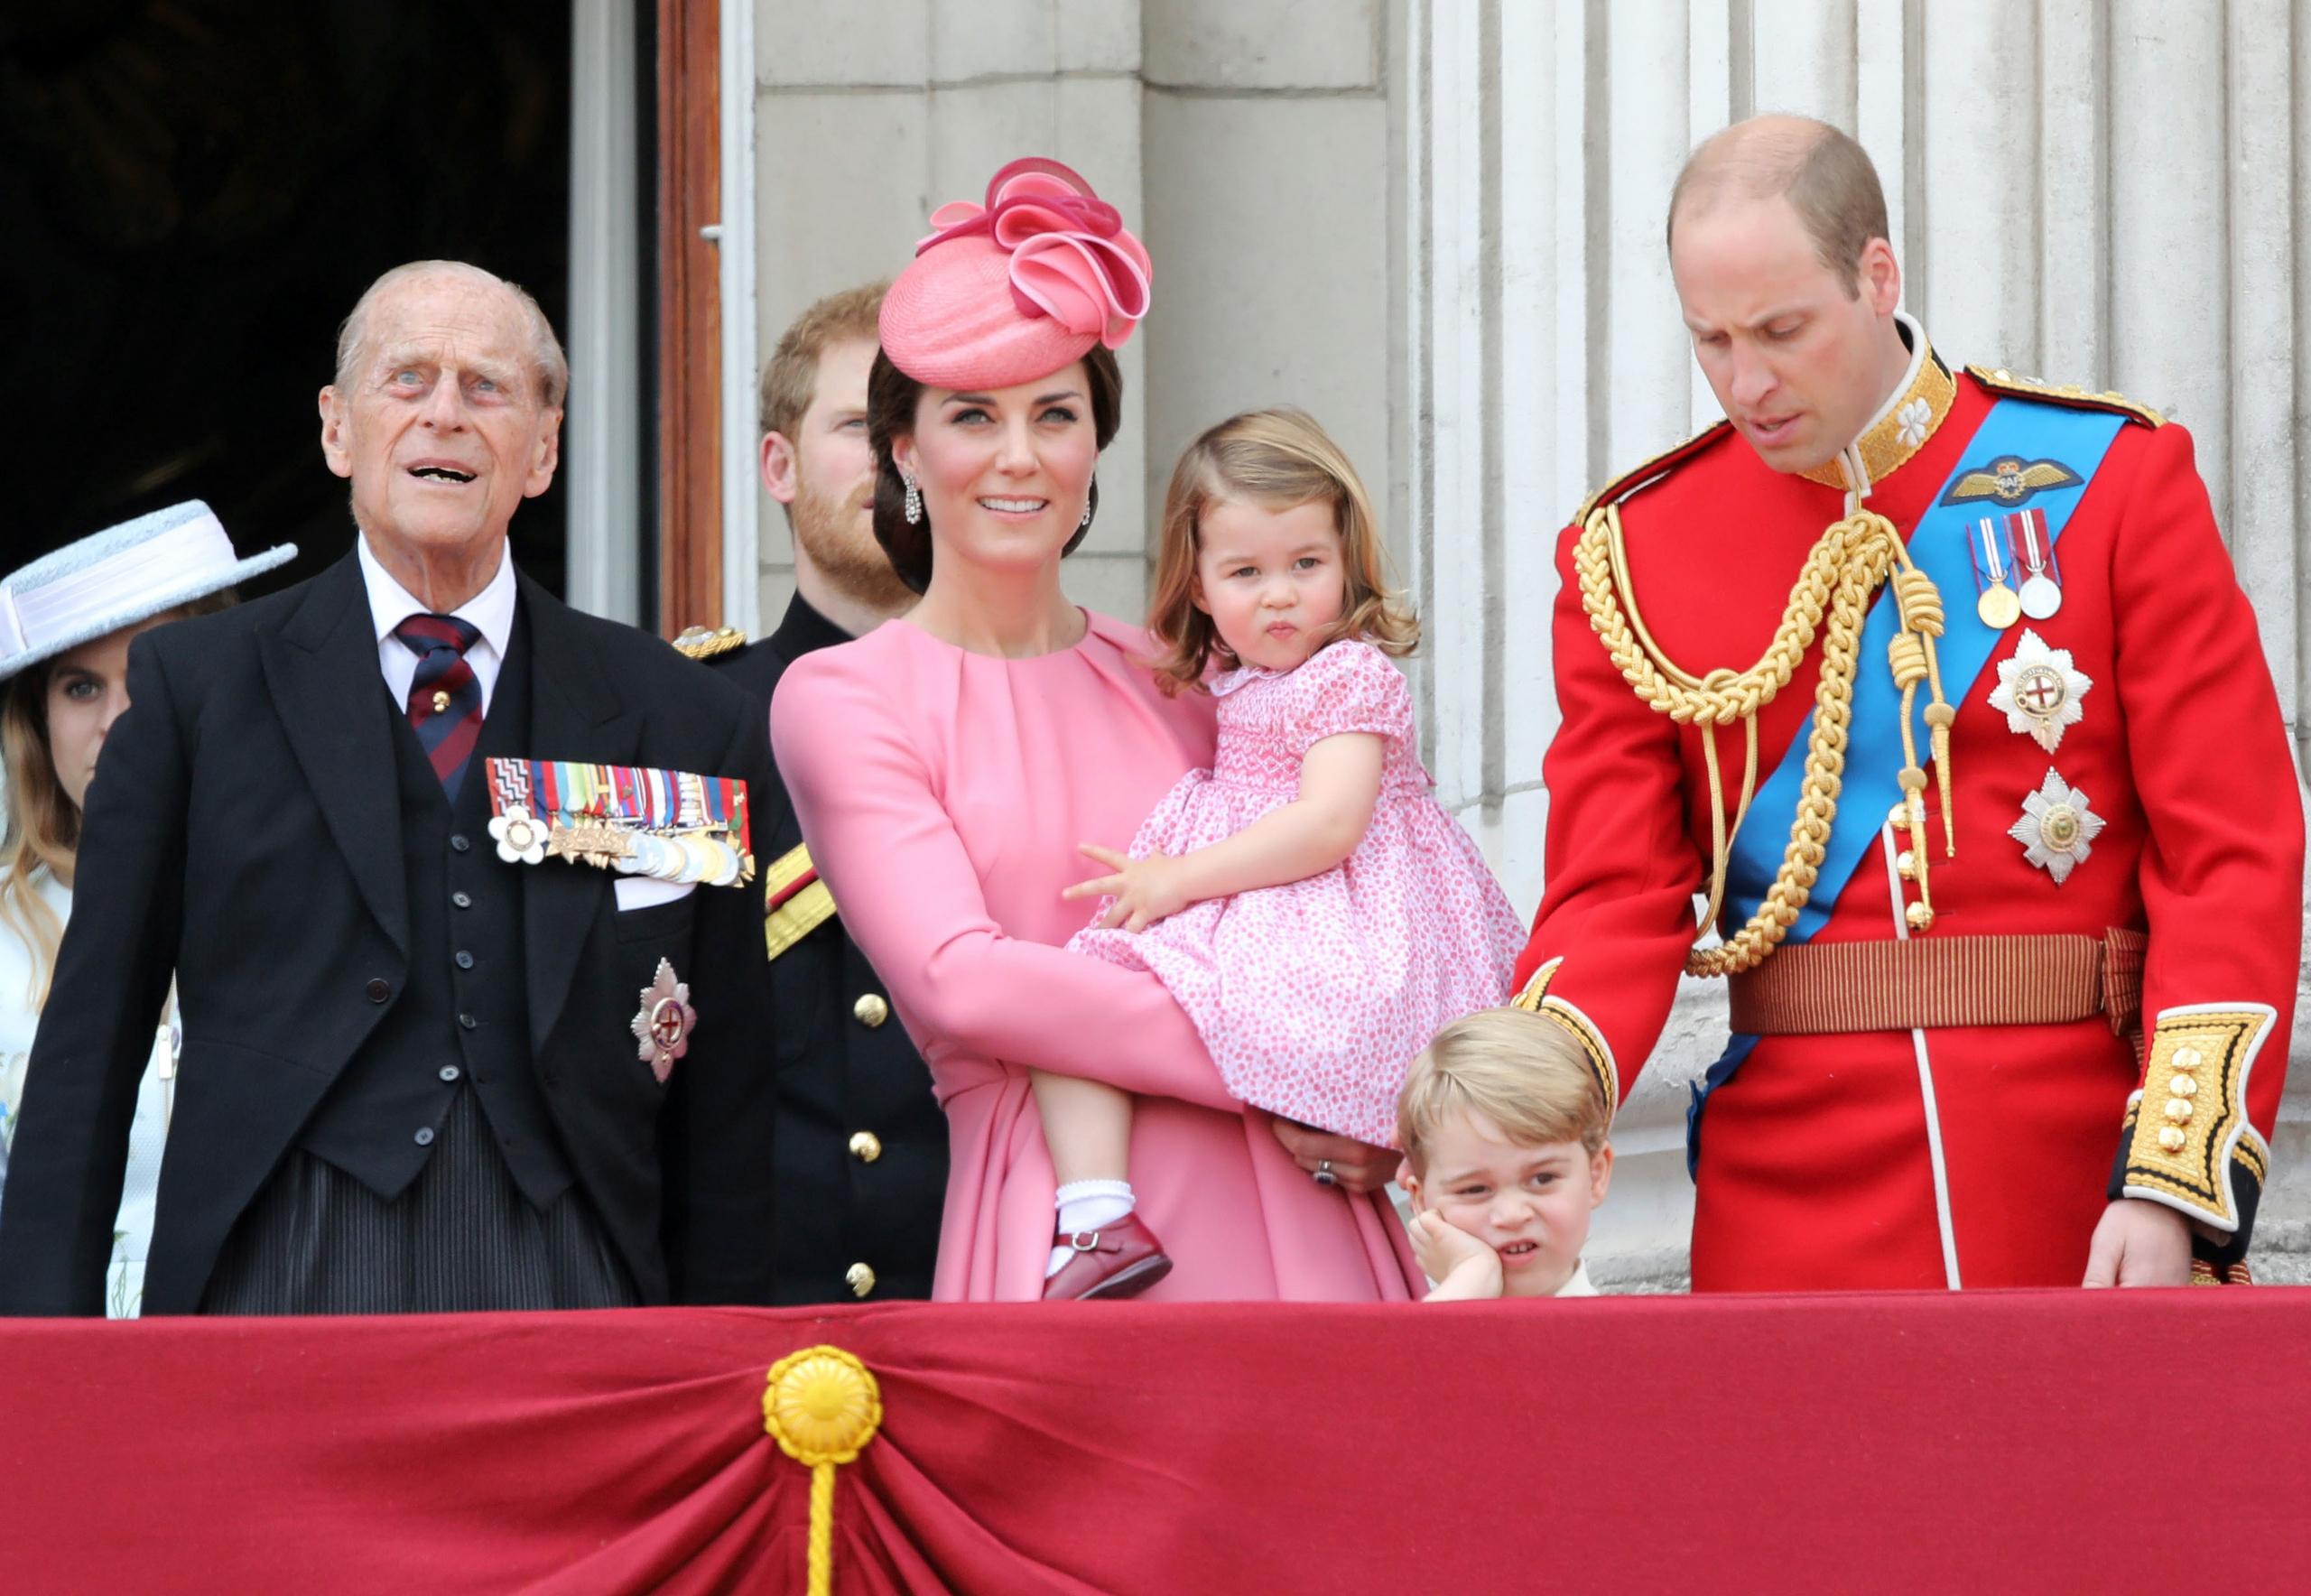 5 τροφές που δεν τρώει ποτέ η βασιλική οικογένεια Κάποιες είναι πραγματικά απροσδόκητες.